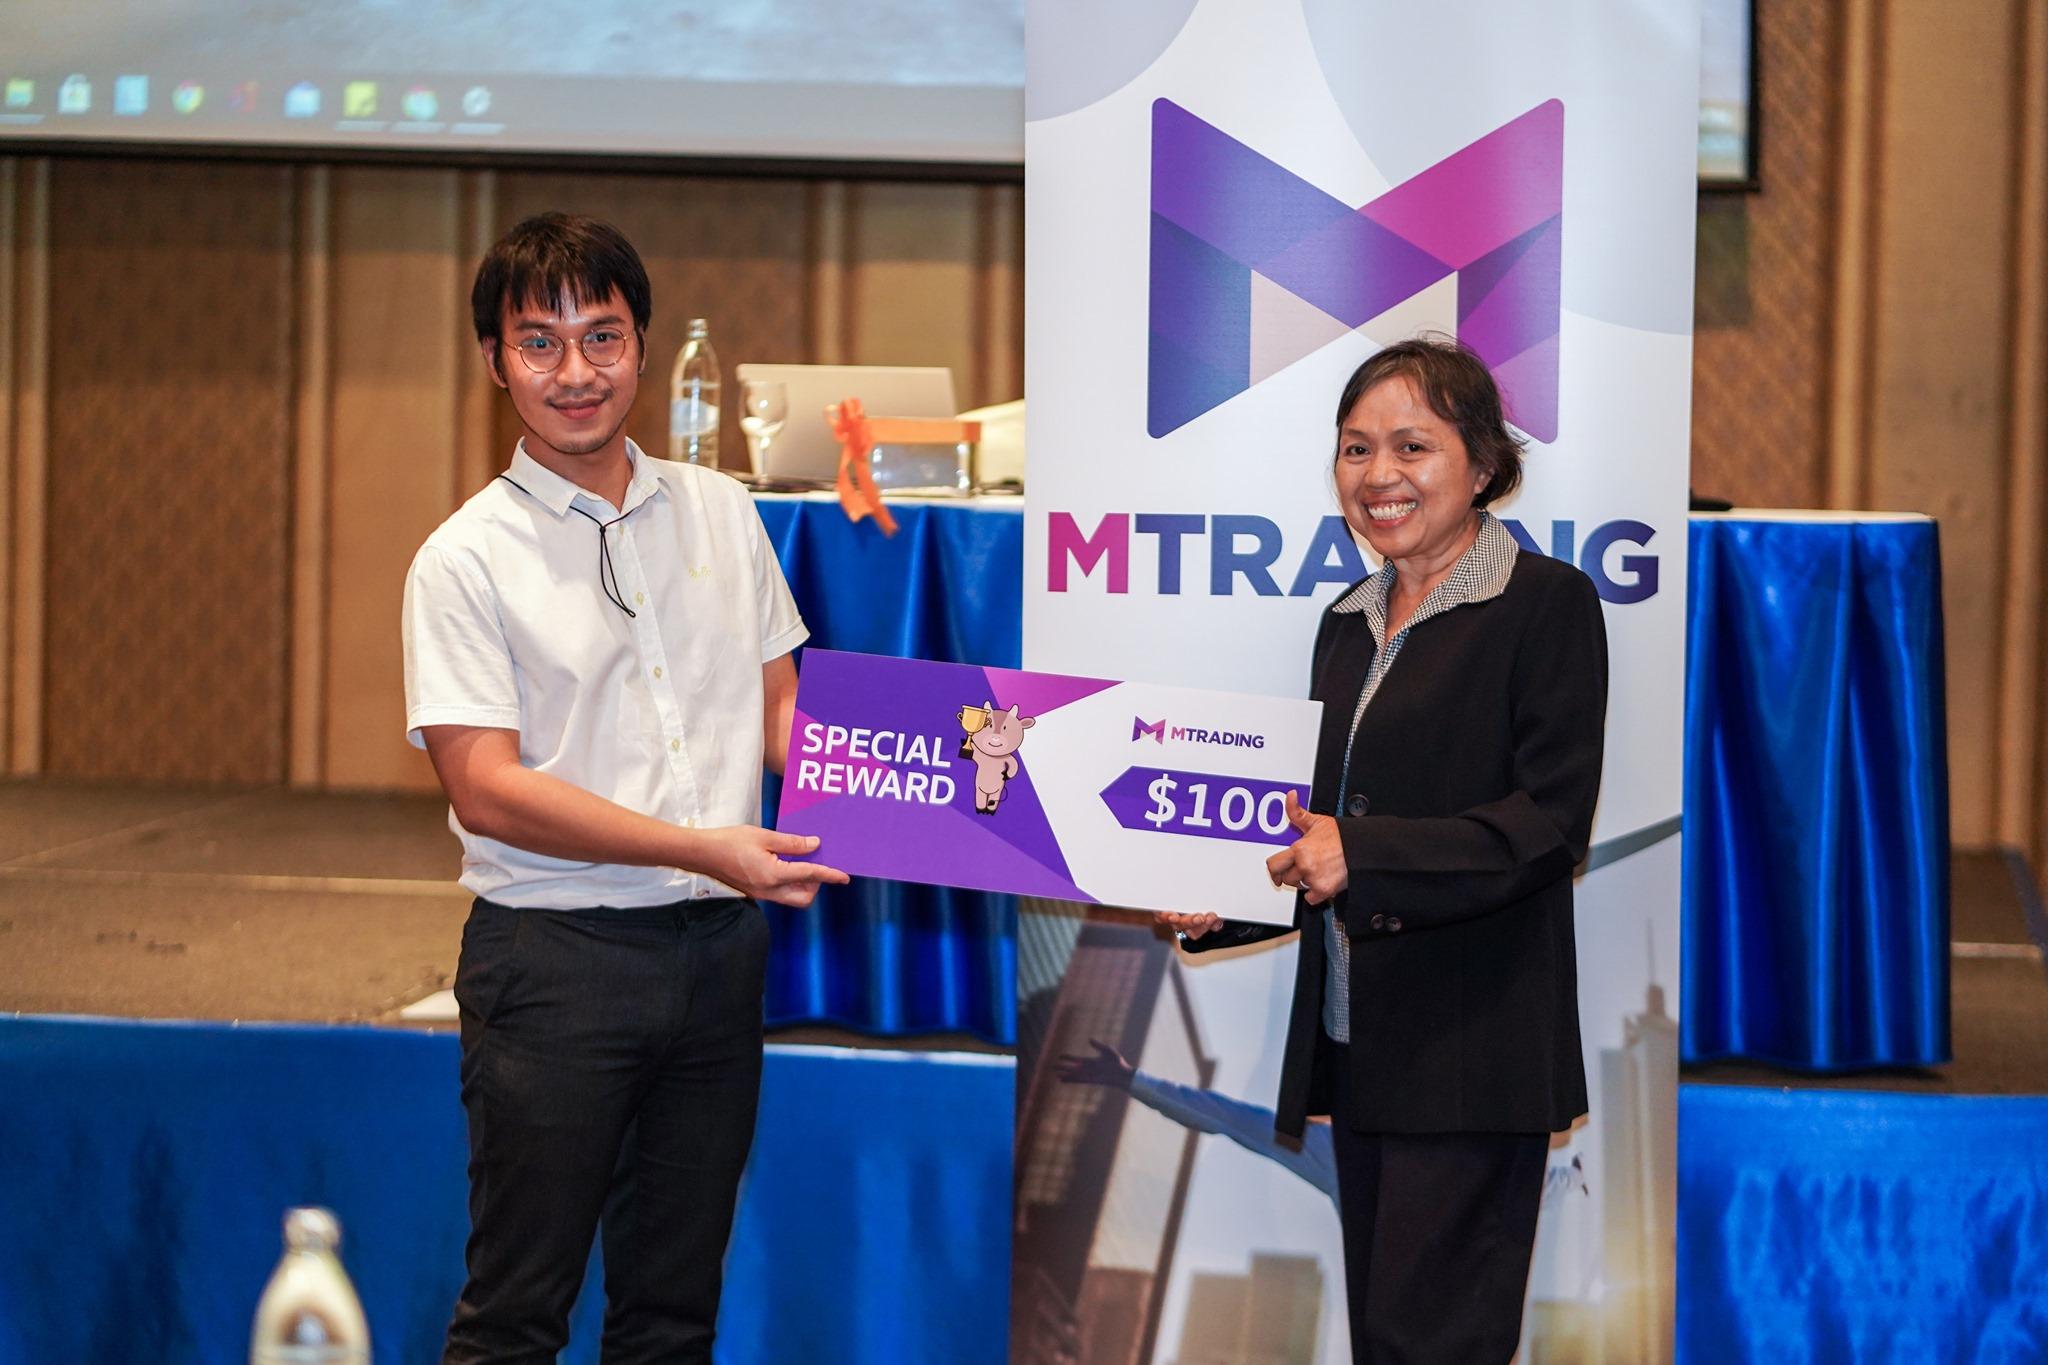 MTrading มอบรางวัลให้กับผู้ร่วมงานสัมมนา